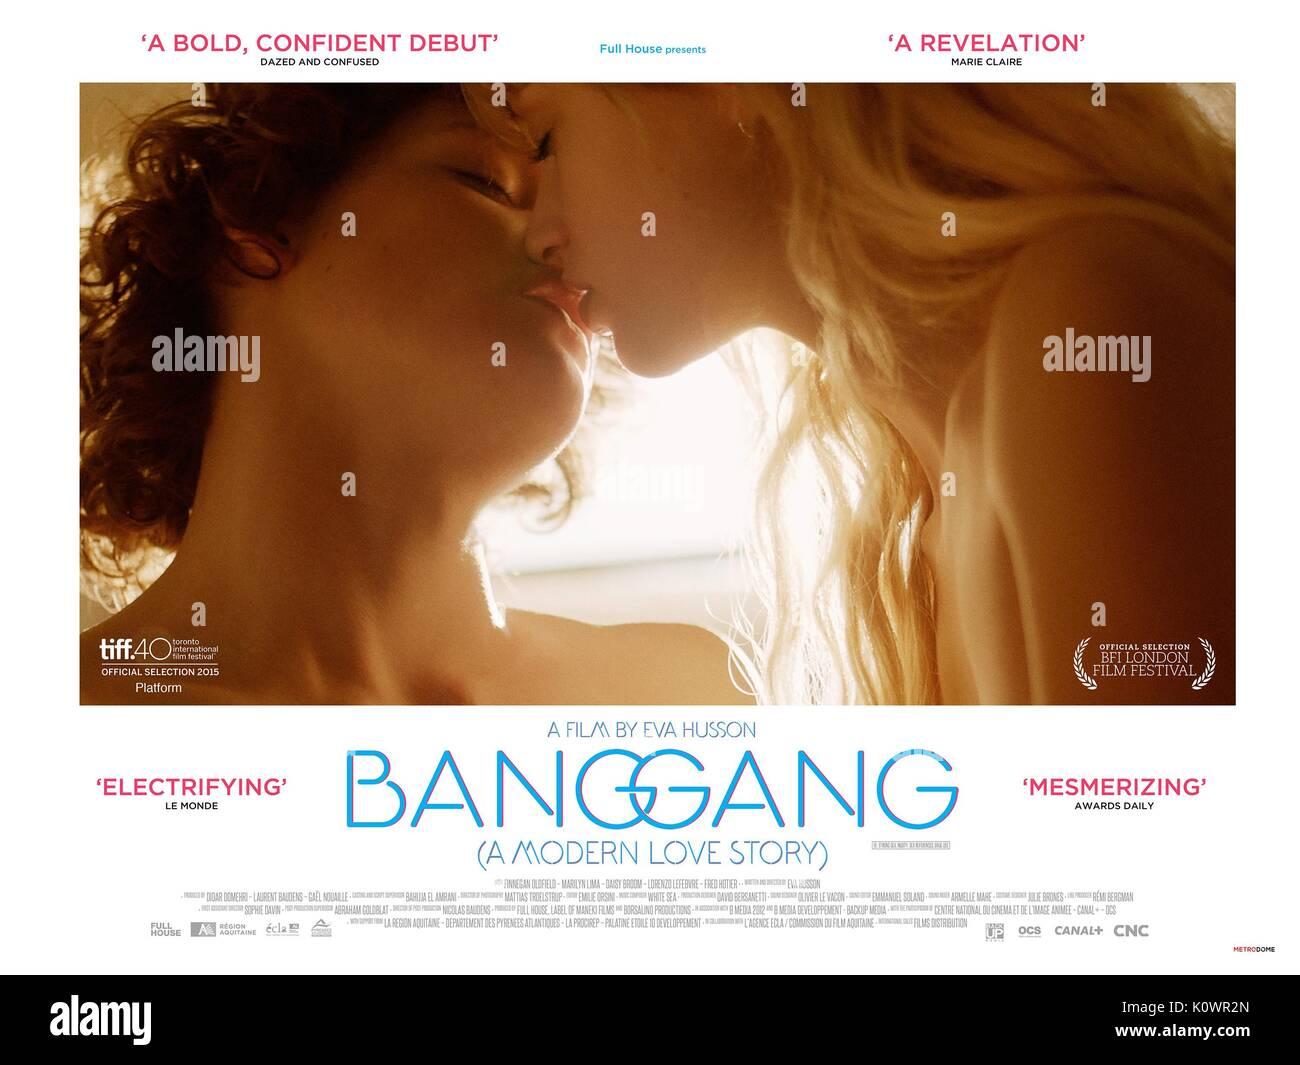 MOVIE POSTER BANG GANG (A MODERN LOVE STORY) (2015) - Stock Image